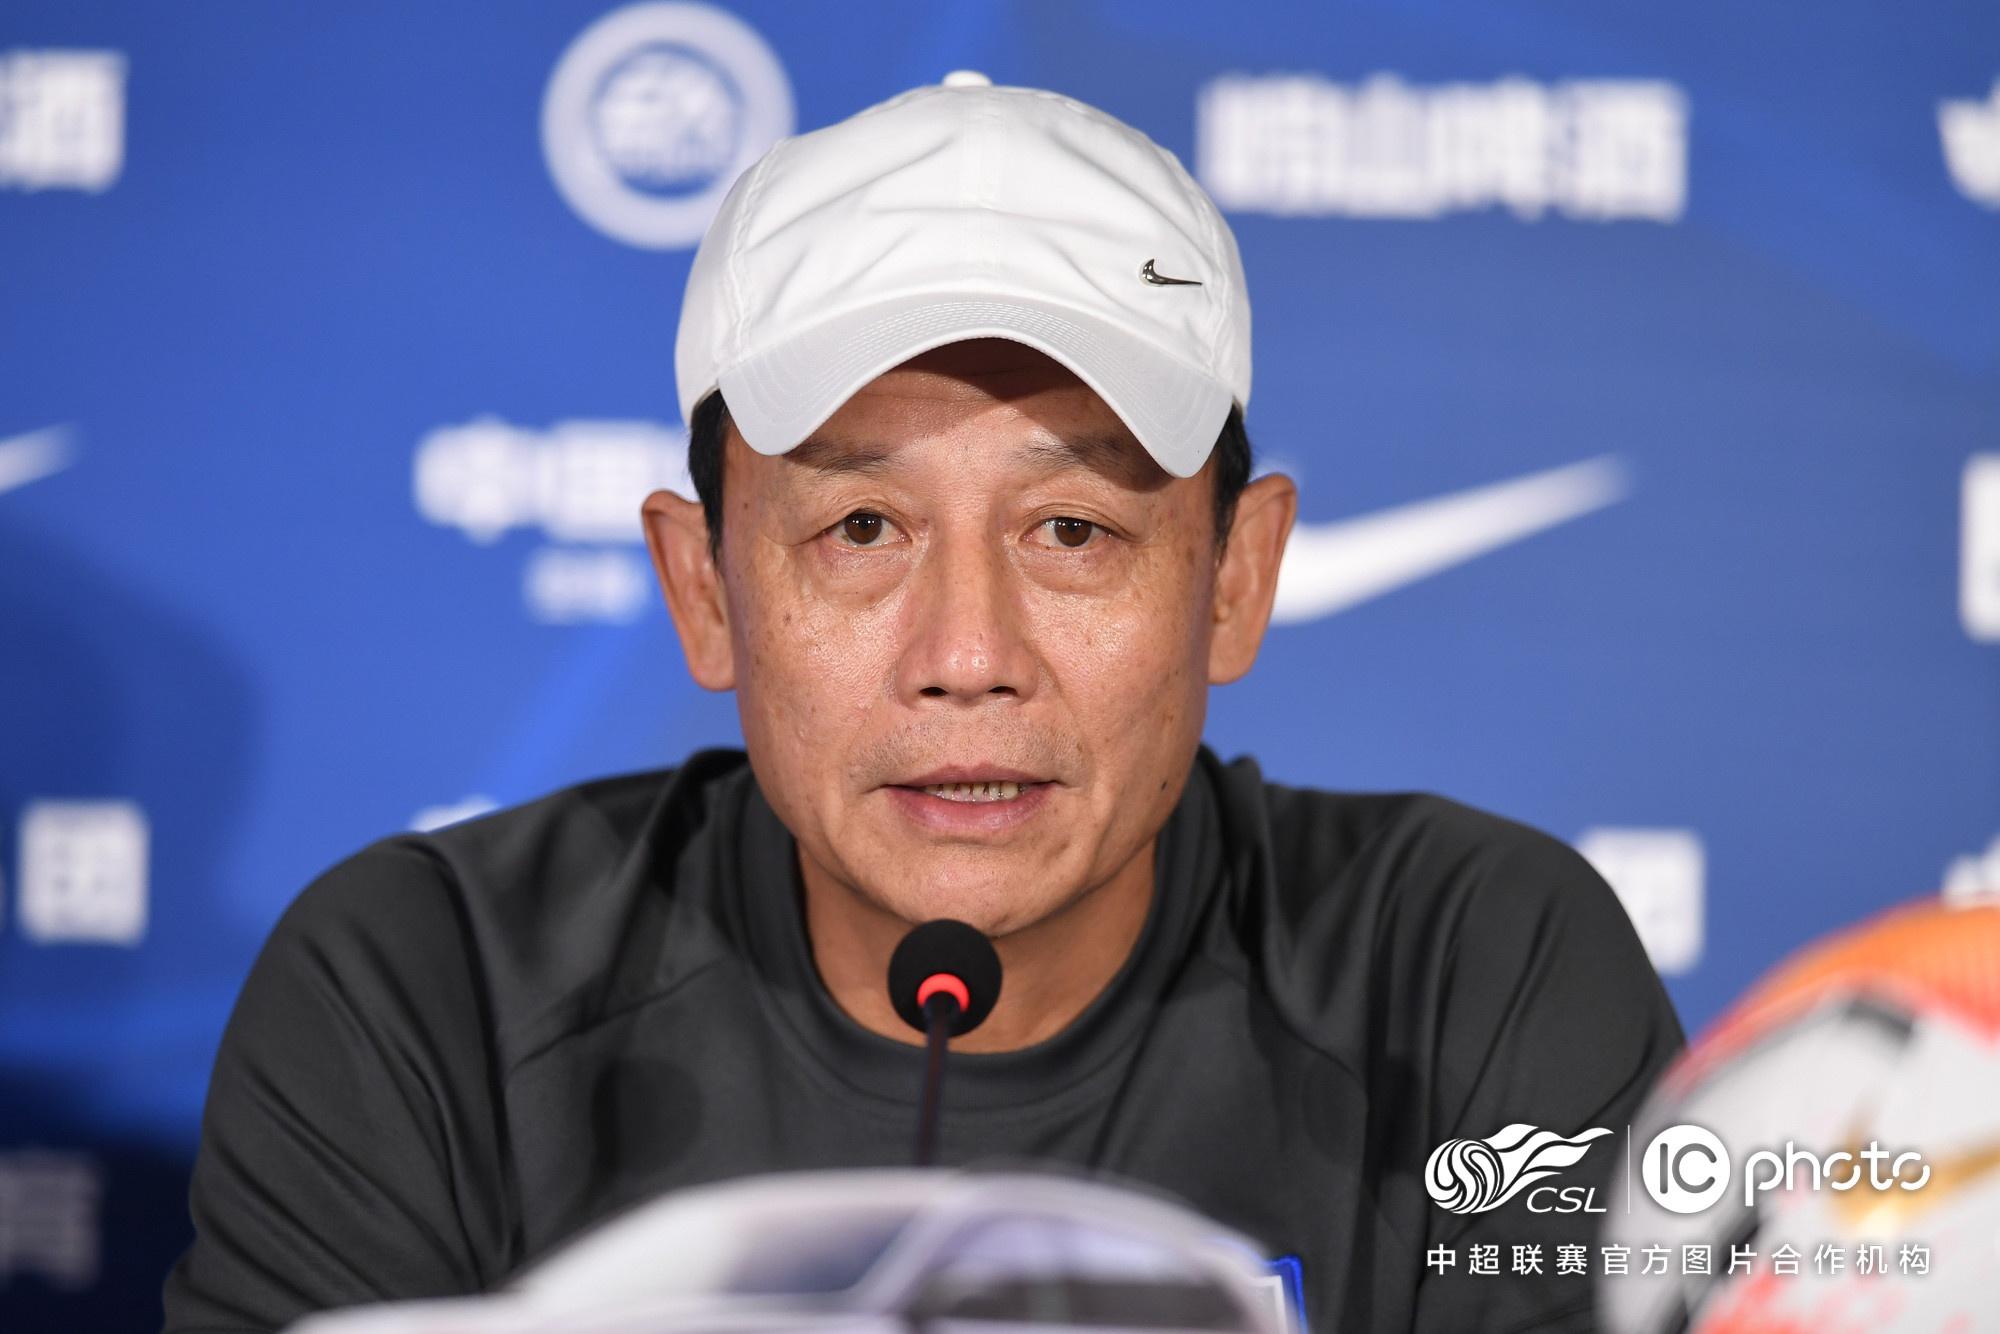 赛前声音 | 王宝山:乔纳森不能出战艾哈影响不大 谢峰:争取再取得一波三连胜